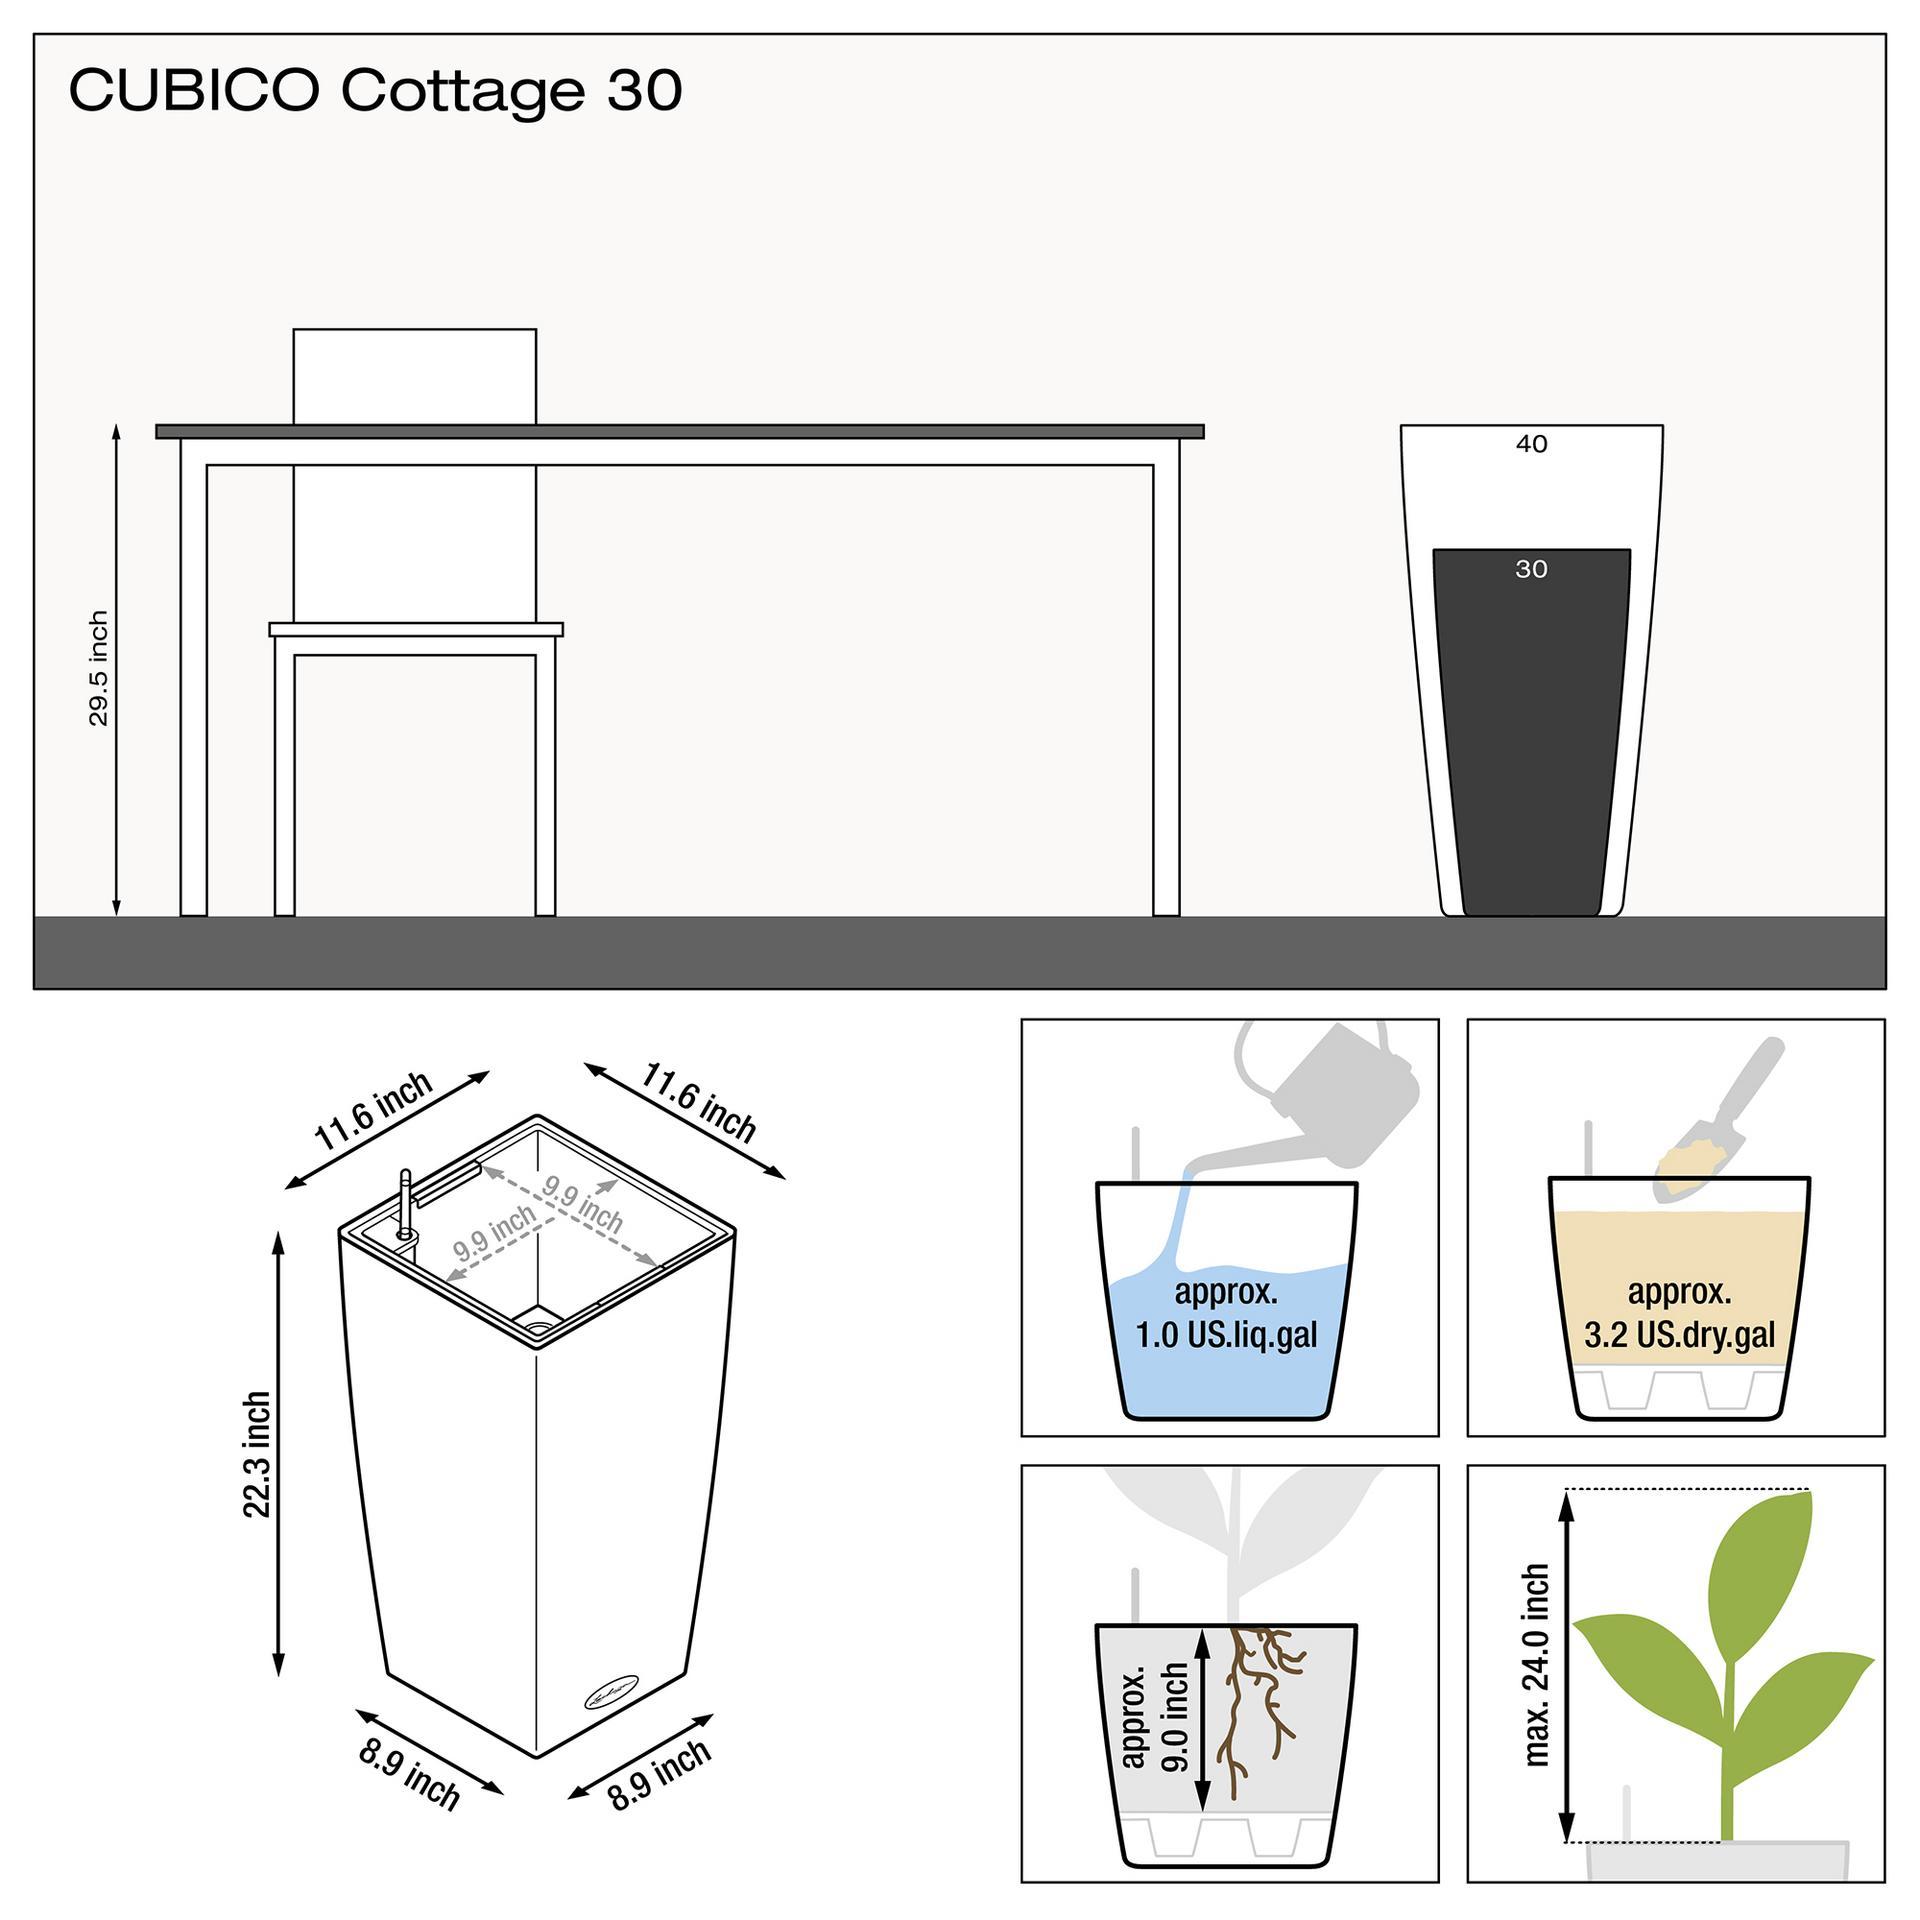 le_cubico-cottage30_product_addi_nz_us